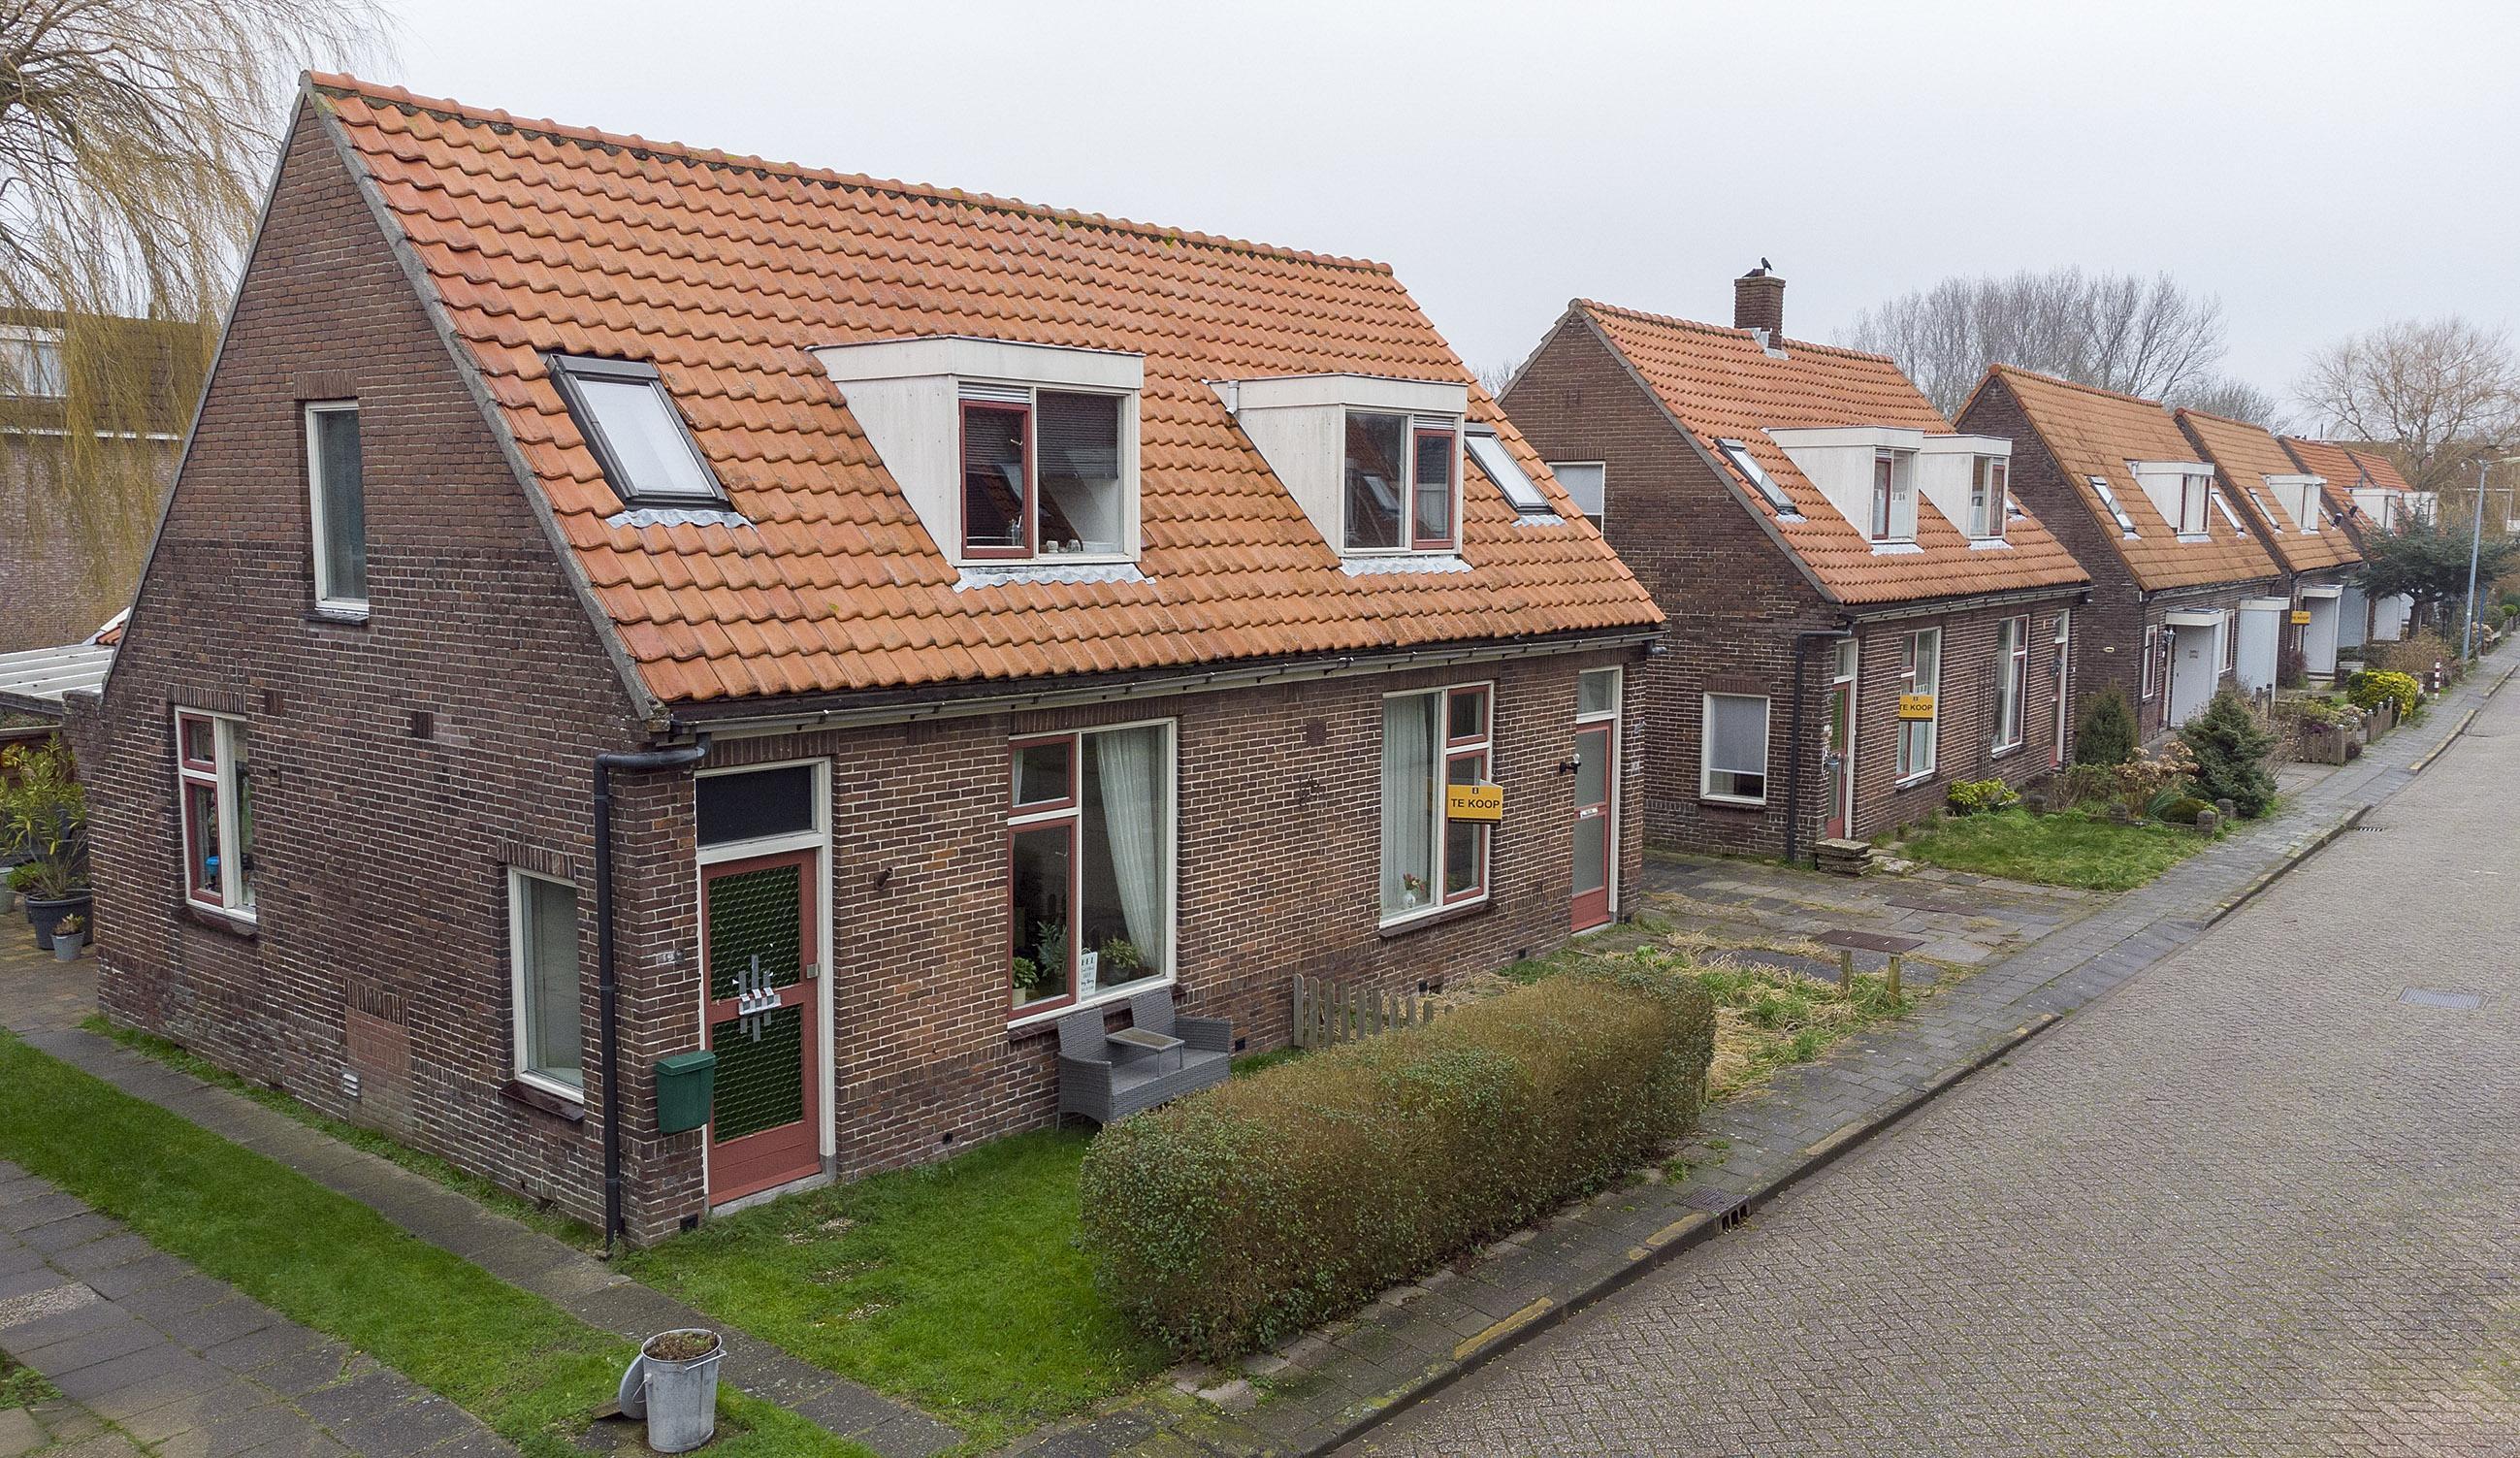 Boekje geeft beeld van met sloop bedreigde Oostwijk